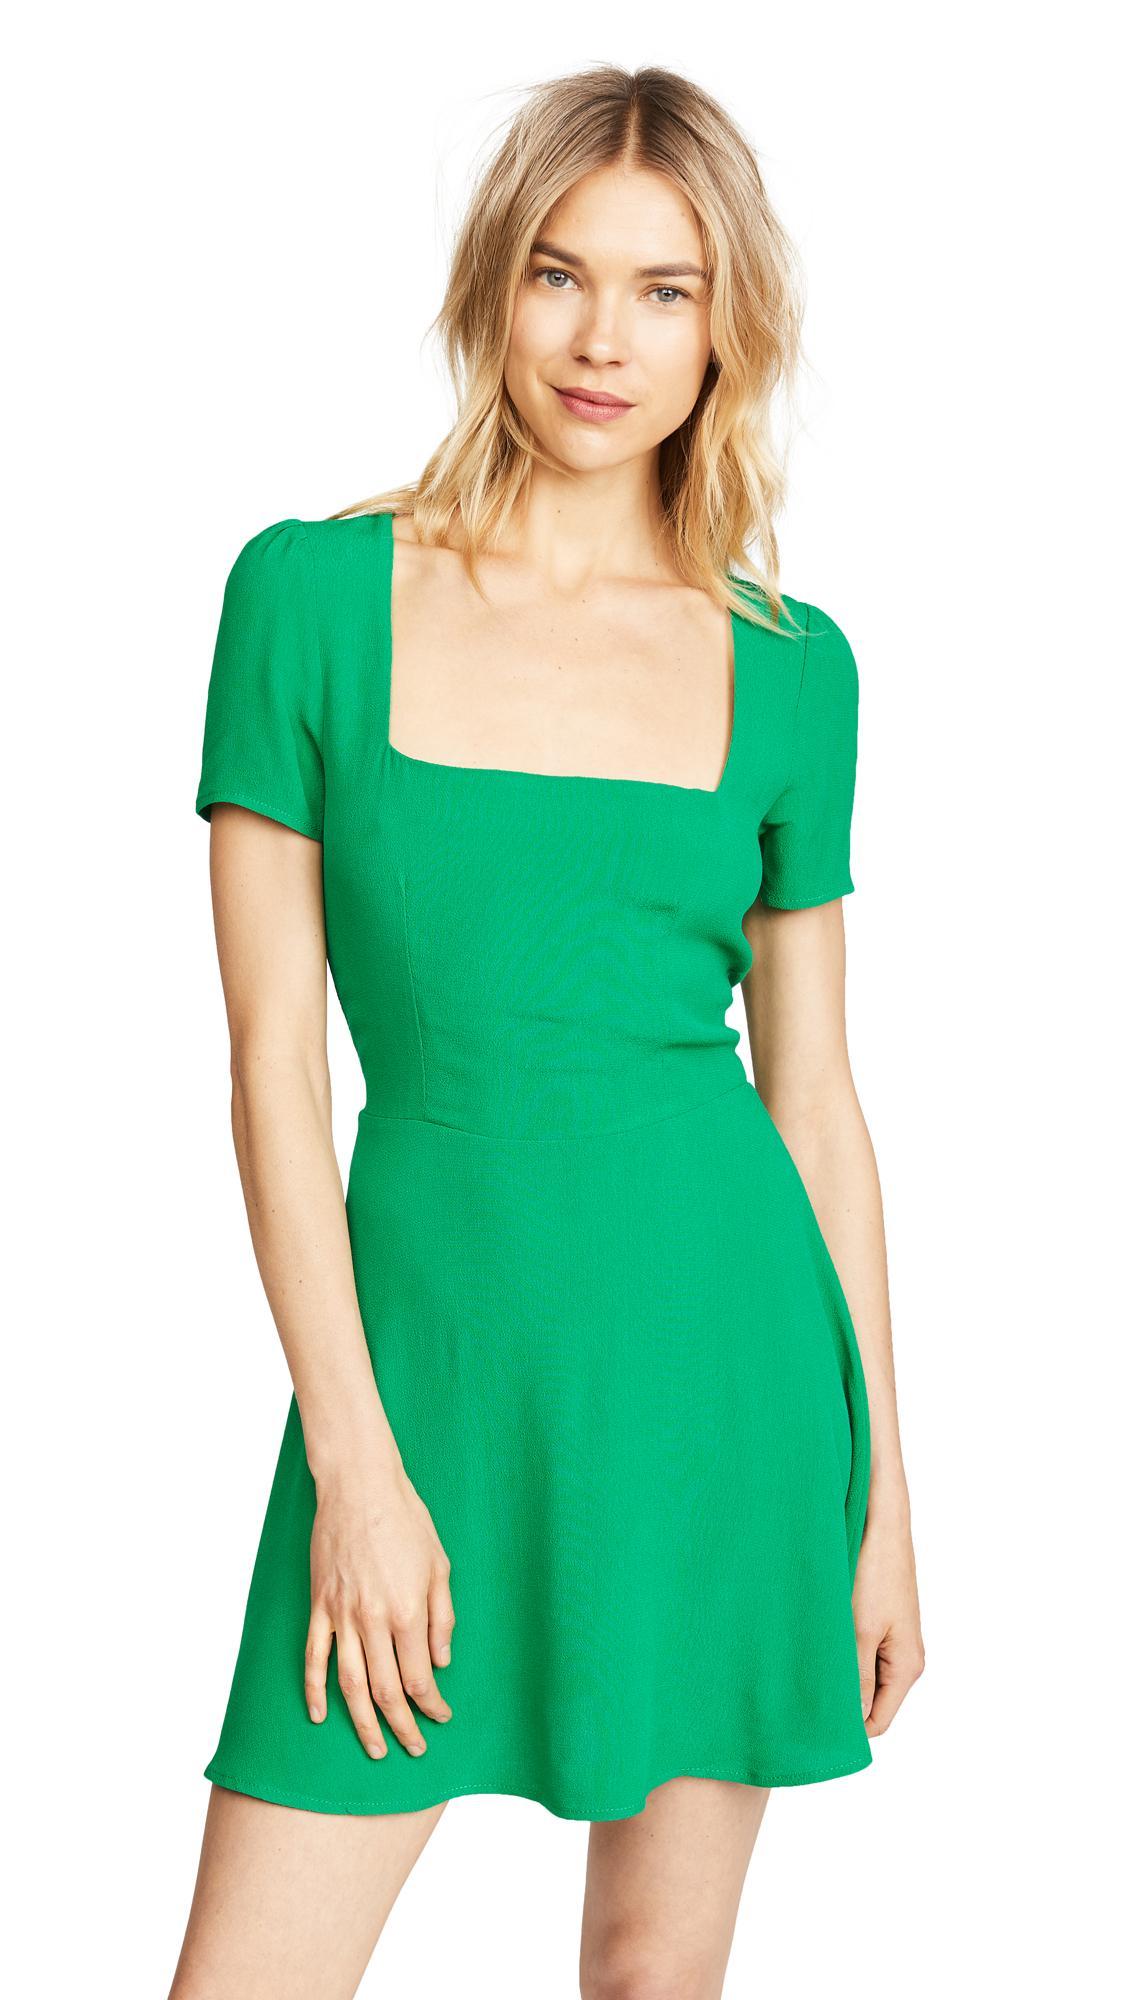 Flynn Skye Maiden Mini Dress In Jolly Green